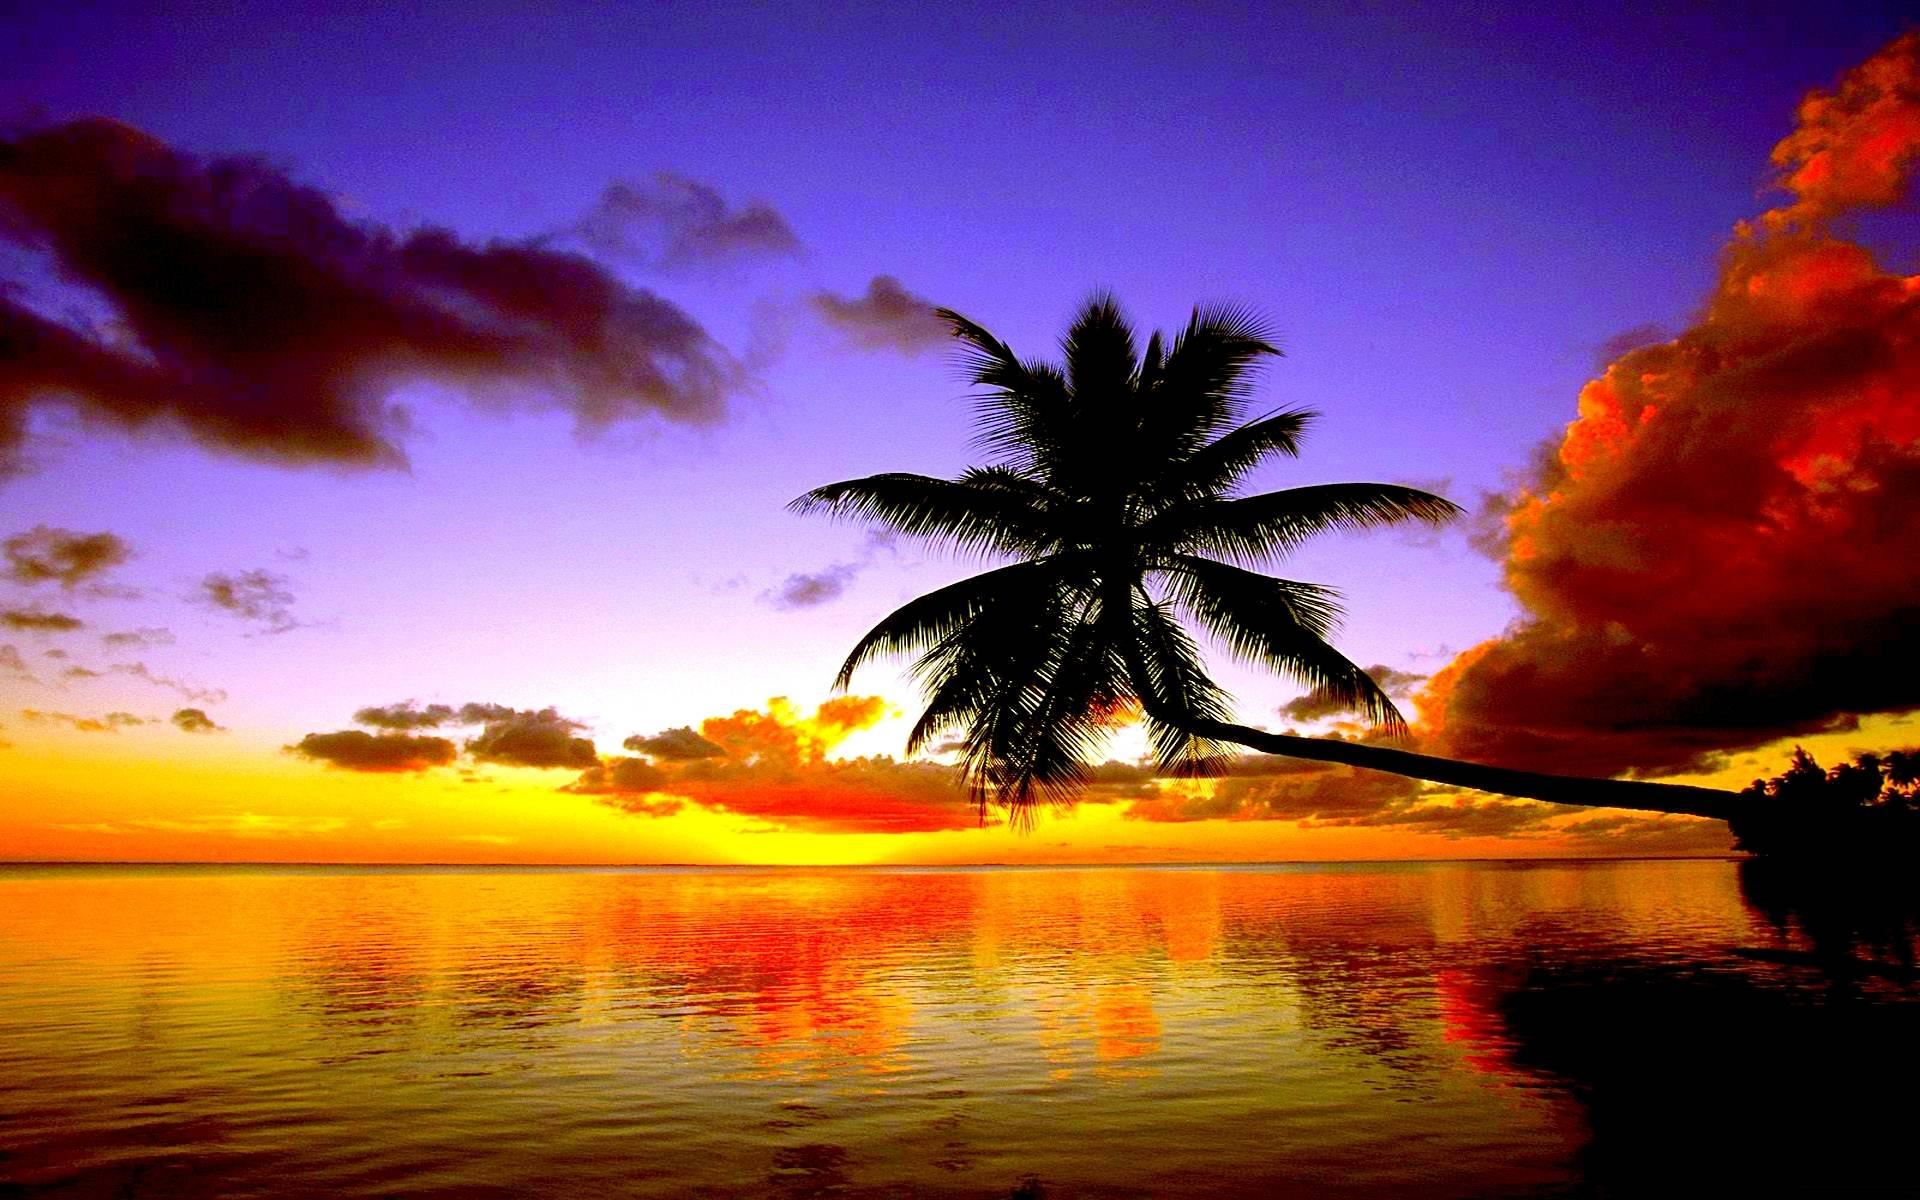 Palm Tree Iphone Wallpaper Beach Sunsets Wallpaper Sf Wallpaper